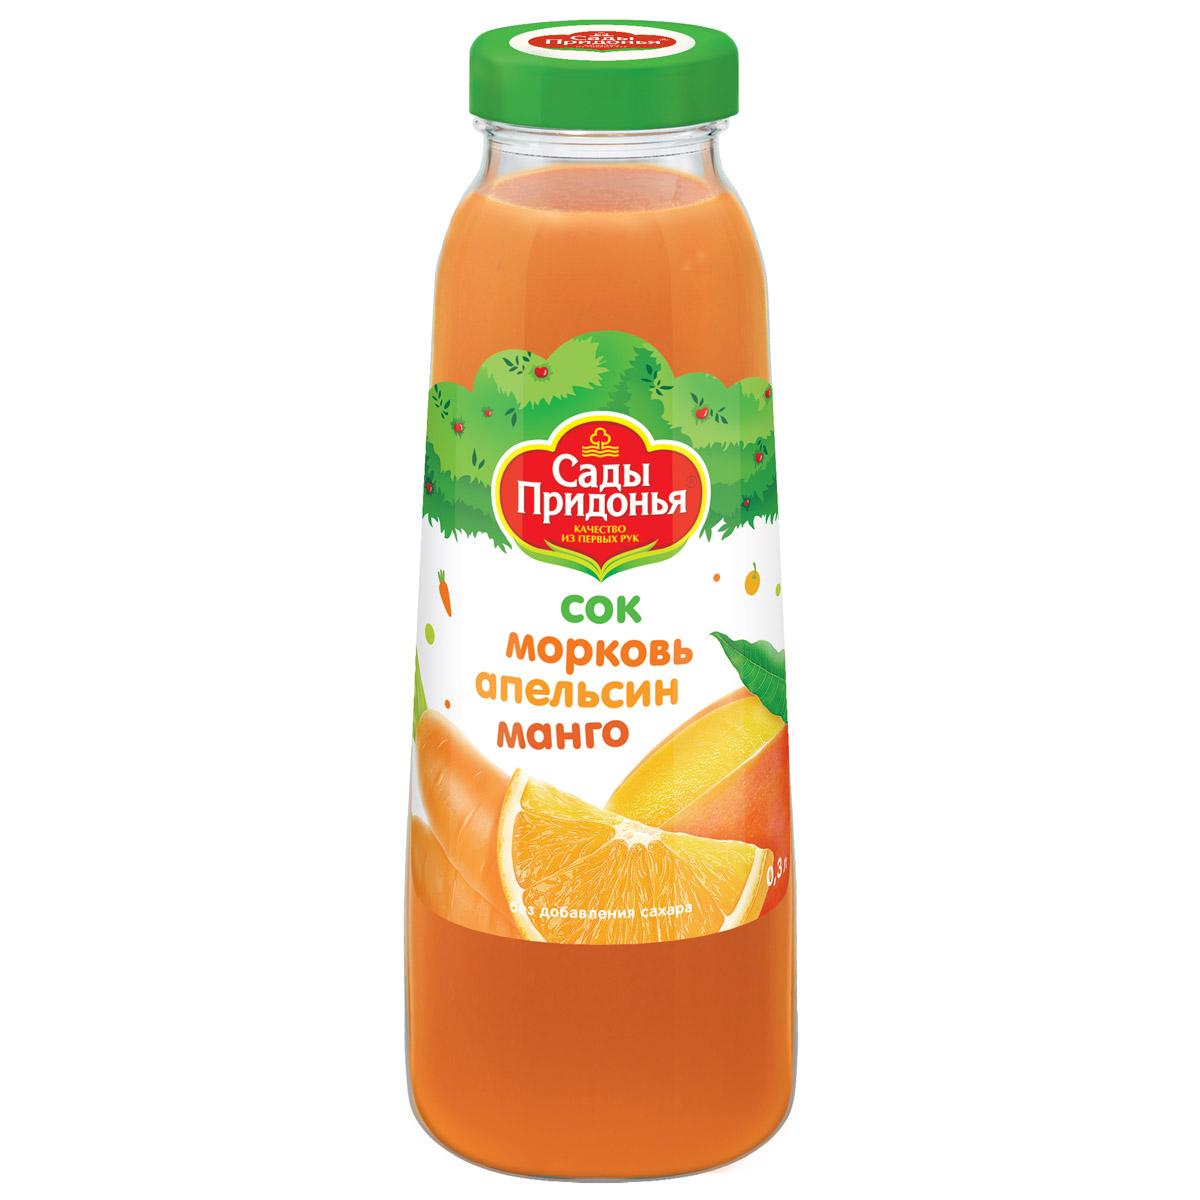 Сок Сады Придонья 300 мл (стекло) Морковь апельсин манго (с 12 мес)<br>